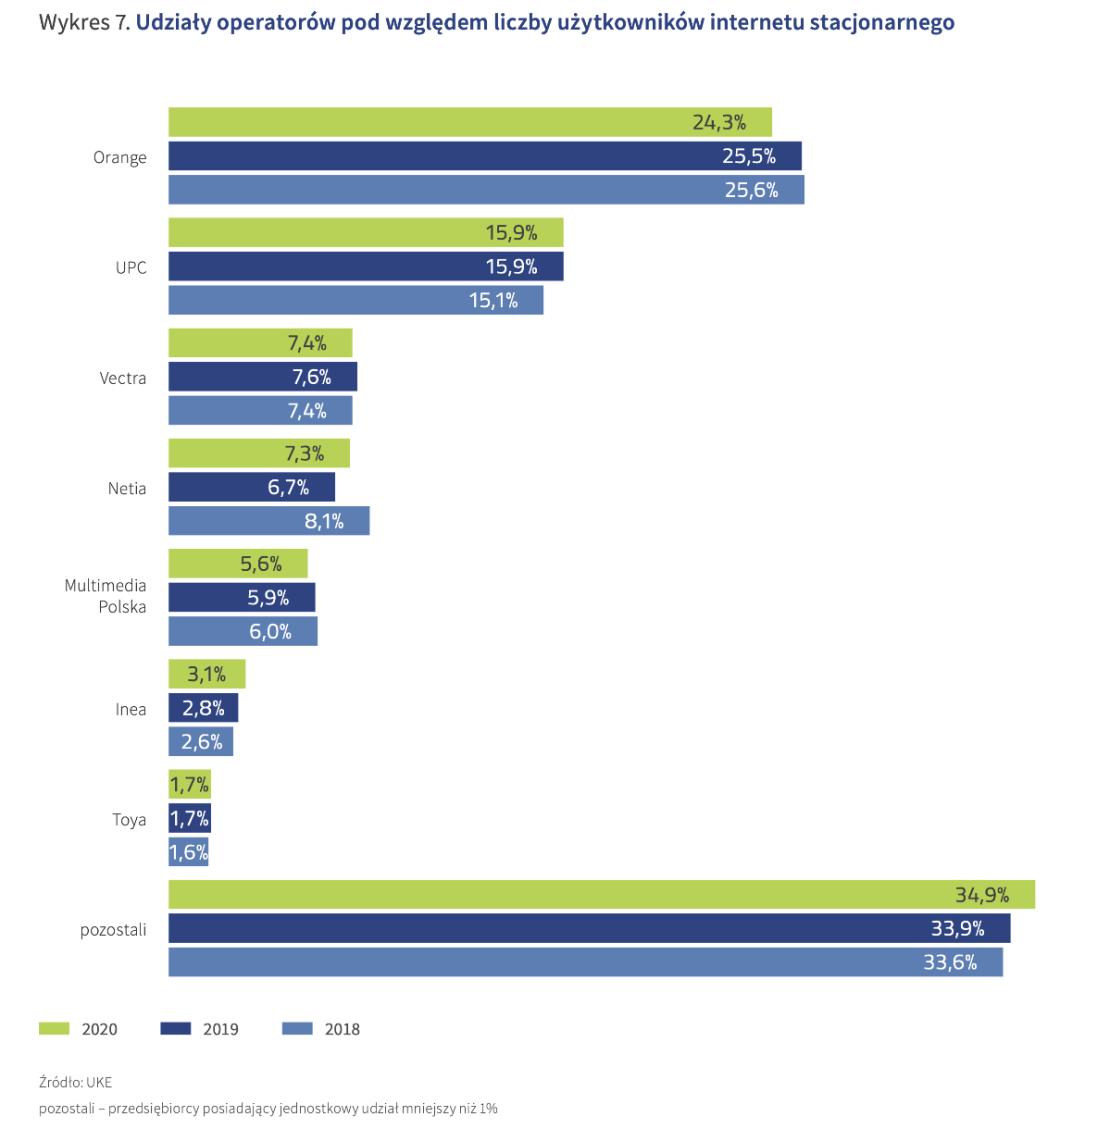 Udział liczby użytkowników internetu stacjonarnego u polskich operatorów (2020 r.)